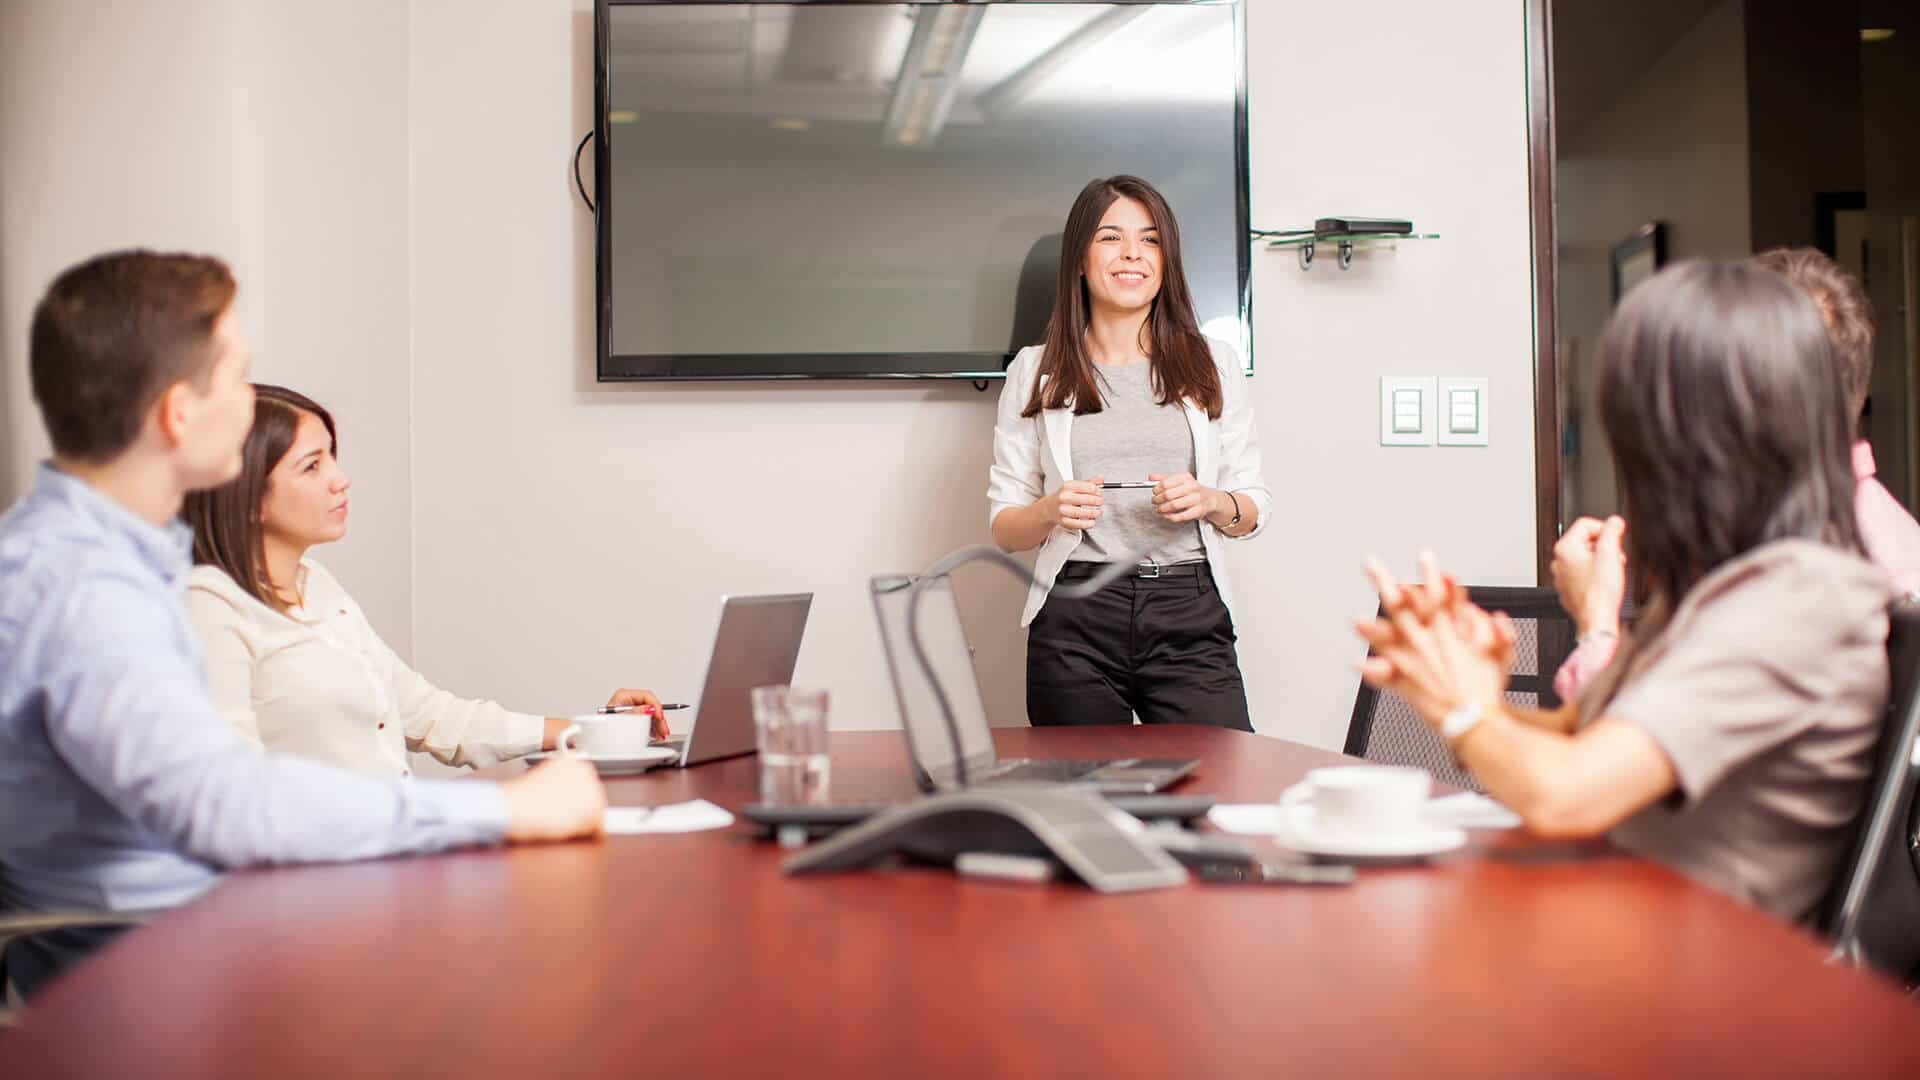 7 דברים שחשוב שיהיה במצגת עסקית למשקיעים